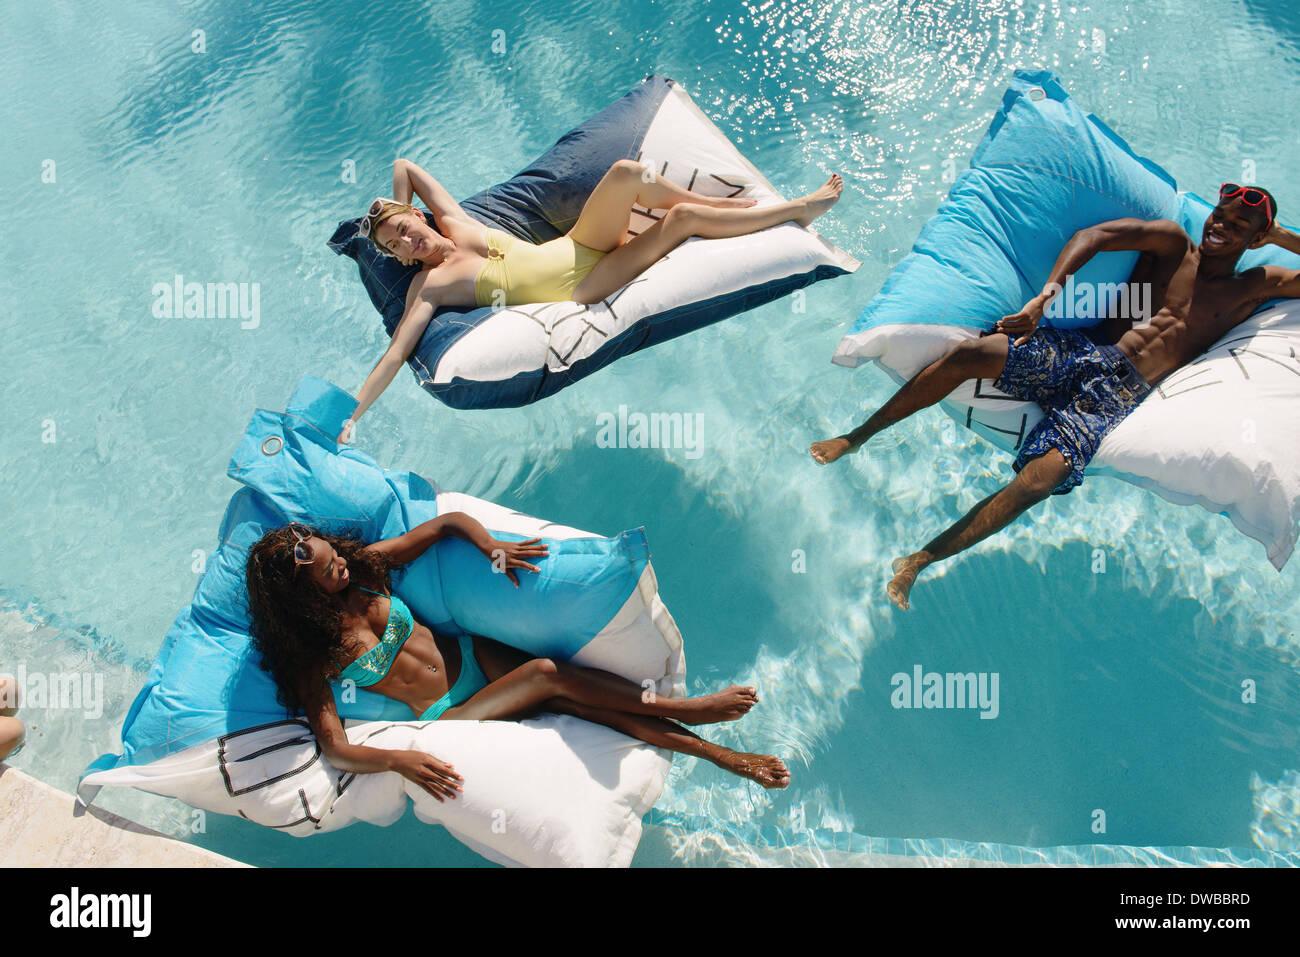 Drei junge Erwachsene liegen auf Luftmatratzen im Schwimmbad, Providenciales, Turks-und Caicosinseln, Caribbean Stockbild